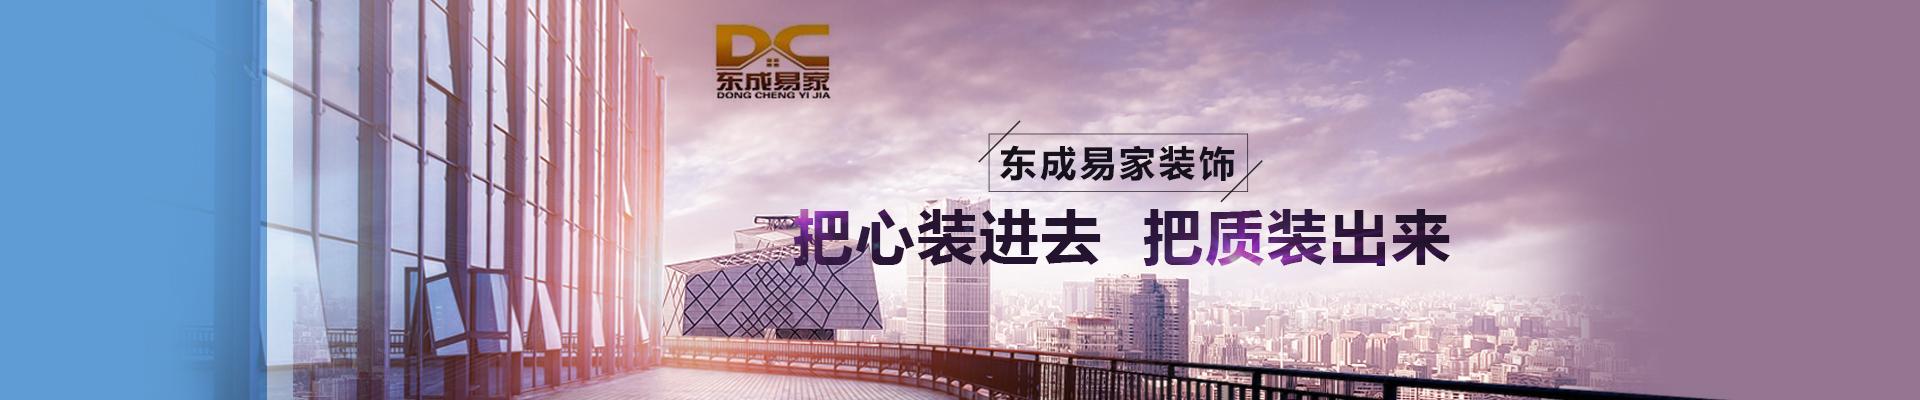 连云港东成易家装饰